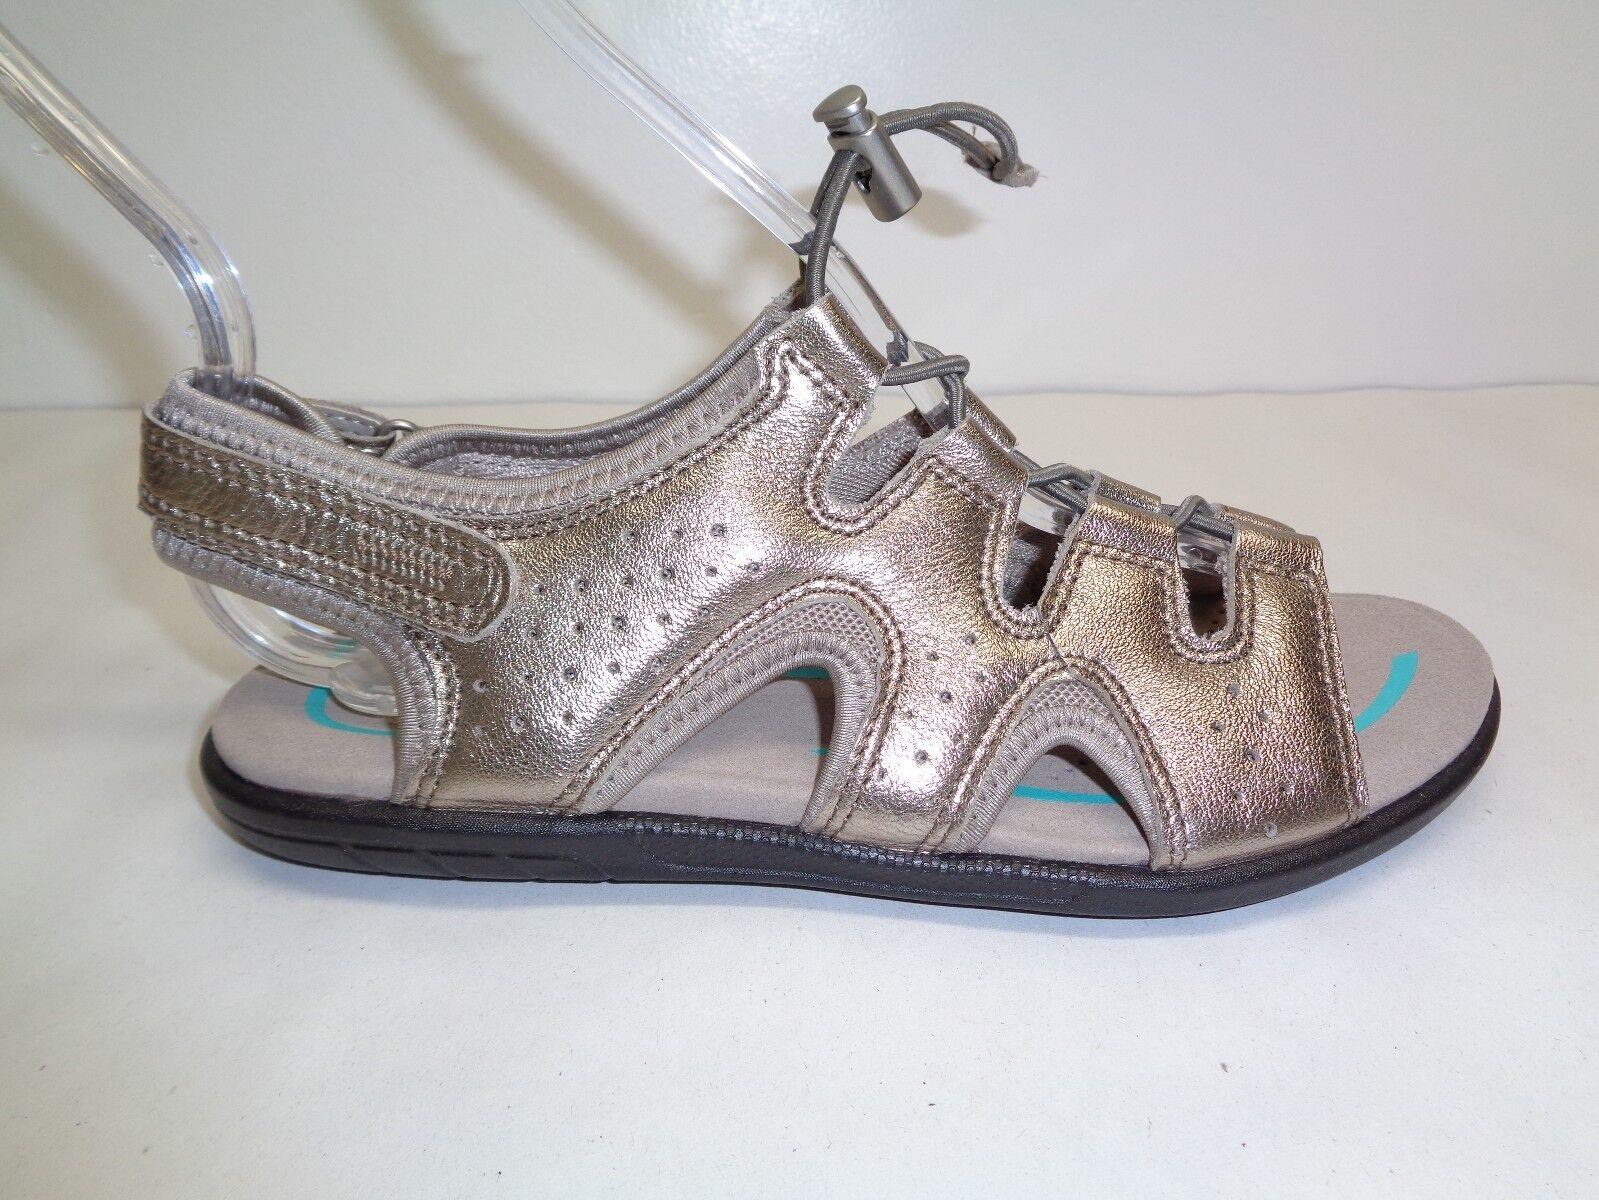 Ecco tamaño 6 a 6.5 azulma alternar Nuevos Mujer Zapatos Sandalias De Cuero gris